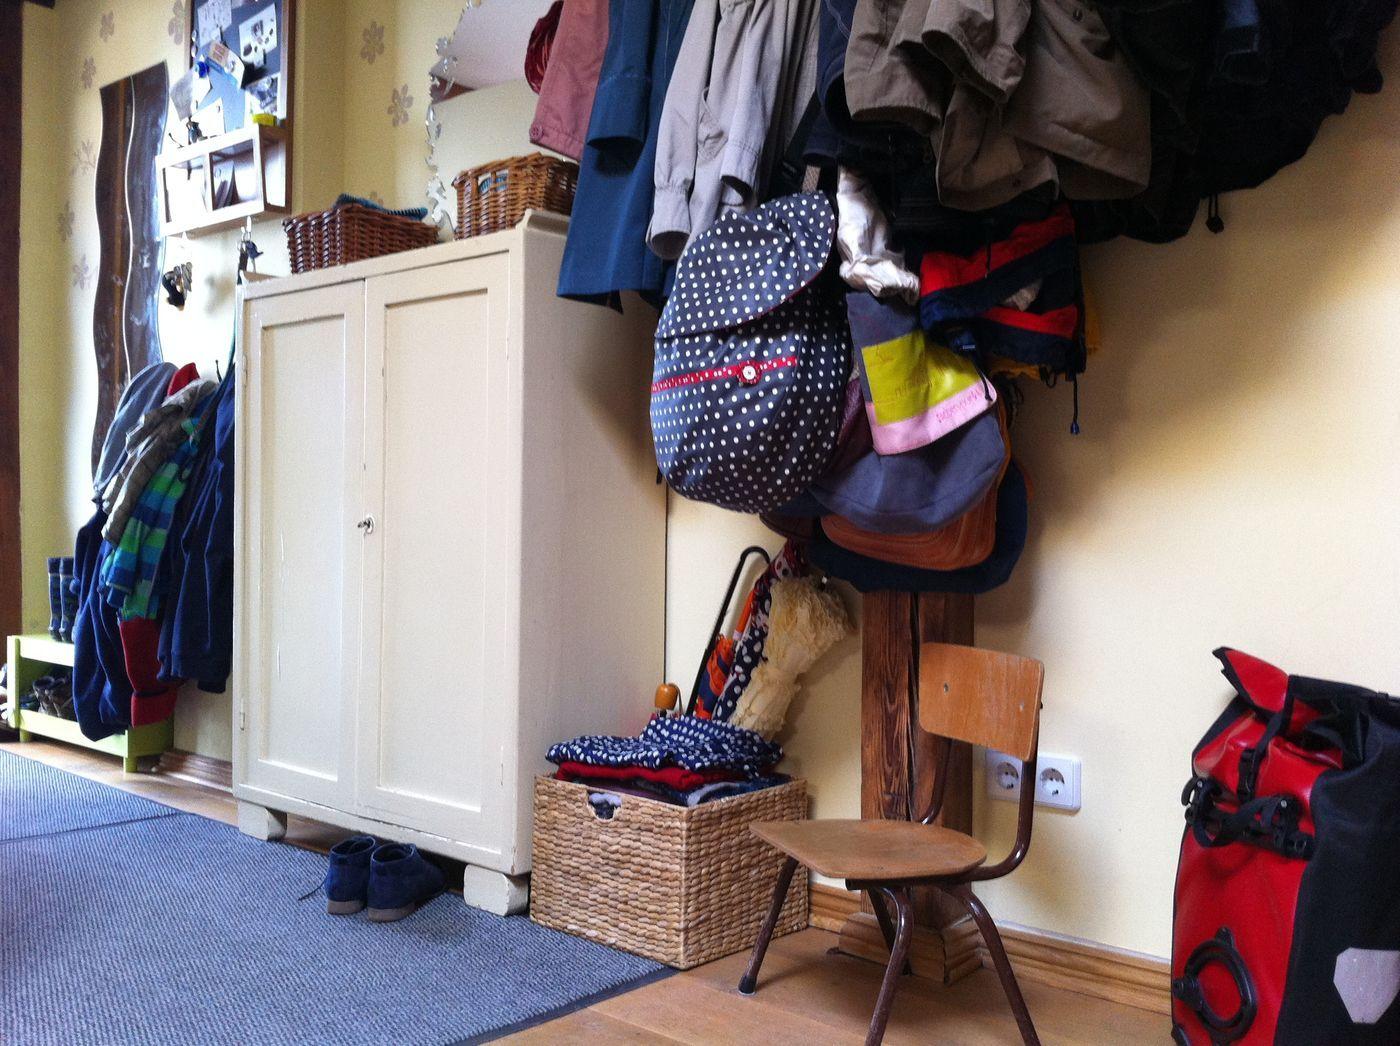 Schöne Garderoben - Inspirationen für dein Zuhause! - Seite 47